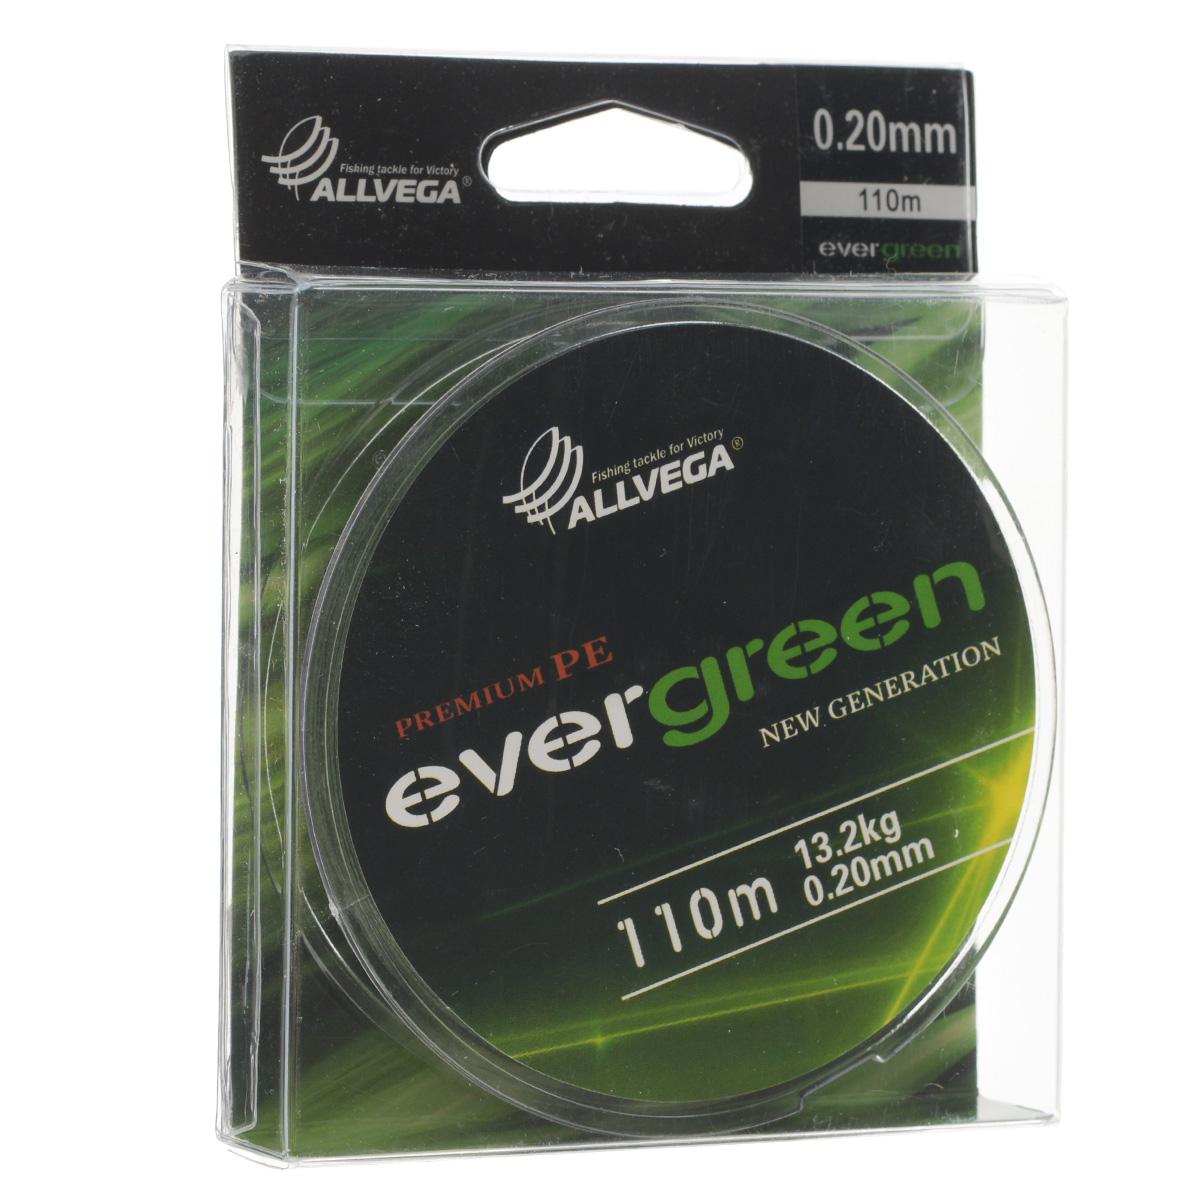 Леска плетеная Allvega Evergreen, цвет: темно-зеленый, 110 м, 0,20 мм, 13,2 кг010-01199-23Плетеная леска Allvega Evergreen очень прочная и способна выдержать сильные нагрузки. Благодаря высококачественному сырью леска Allvega Allvega Evergreen максимально устойчива к любым погодным условиям и особенностям каждого водоема. При традиционных методах производства плетеные шнуры со временем теряют свой цвет (покрытие), а вместе с ним и часть своих полезных физических свойств. Революционно новый подход в технологии изготовления лесок Allvega Evergreen позволяет забыть о проблеме потери цвета в процессе использования шнура. Он всегда будет зеленым - он просто не может быть другим!